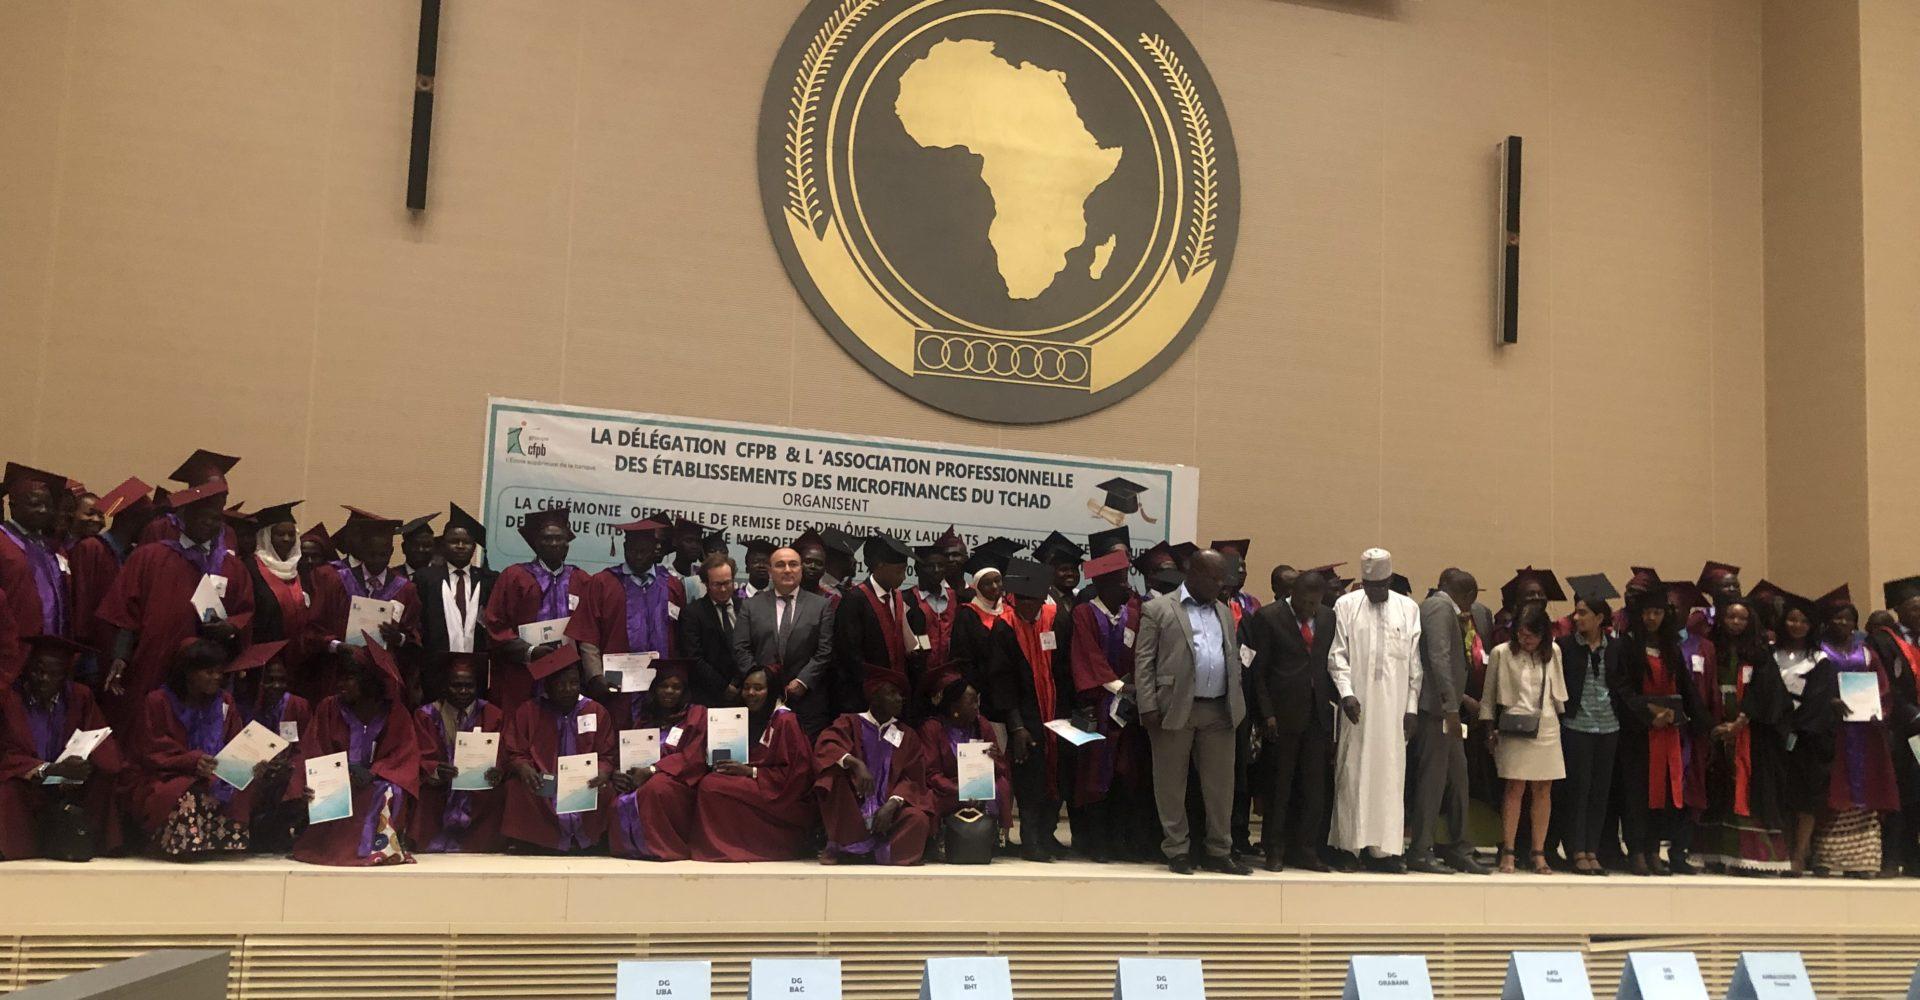 105 étudiants du centre de formation des professions bancaires ont reçu leurs parchemins 1